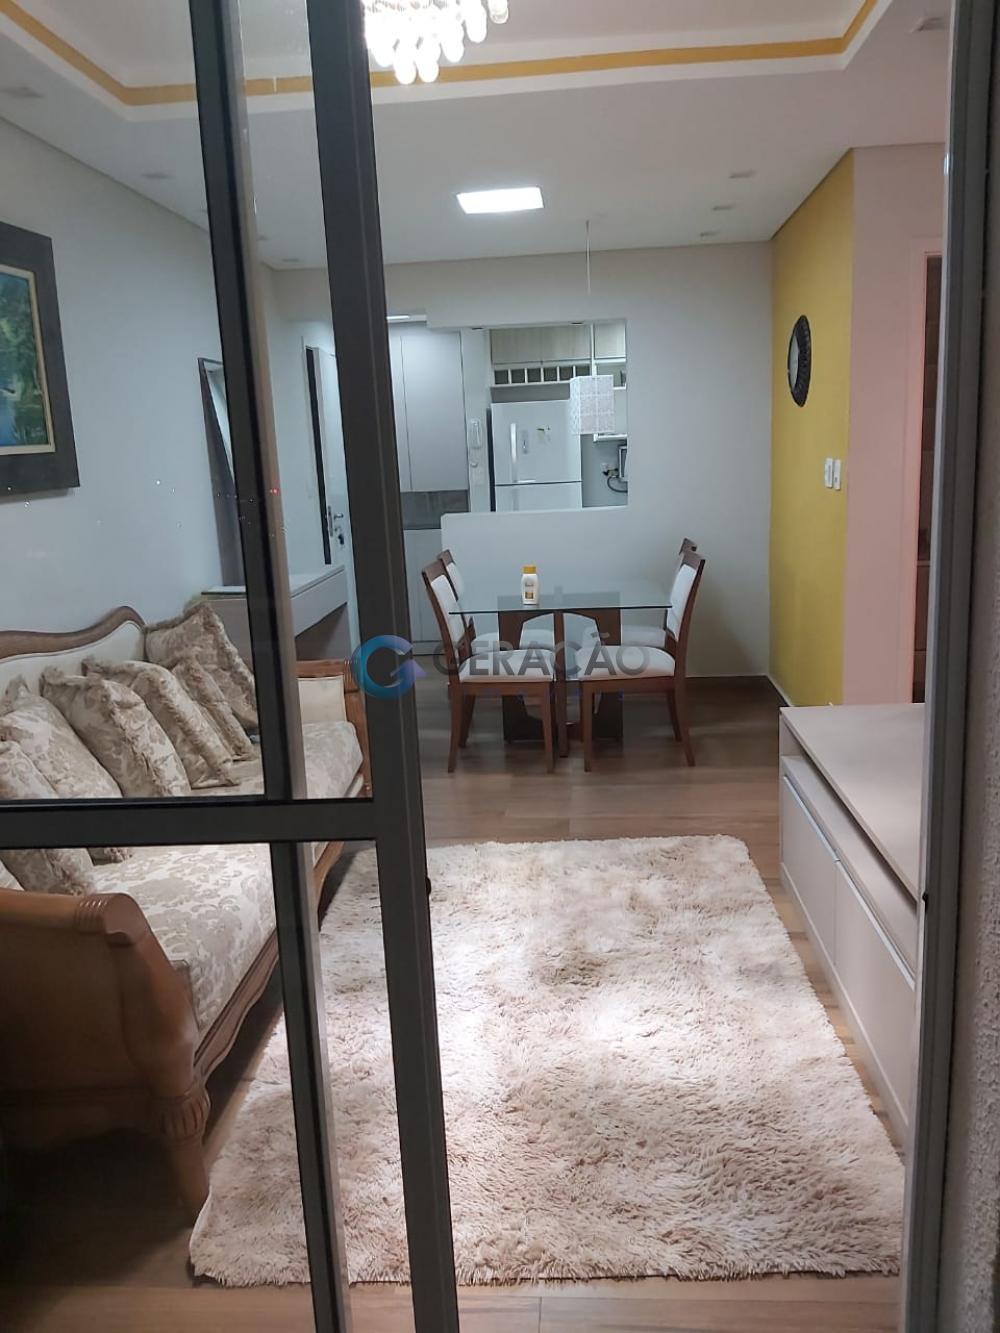 Comprar Apartamento / Padrão em São José dos Campos R$ 450.000,00 - Foto 8